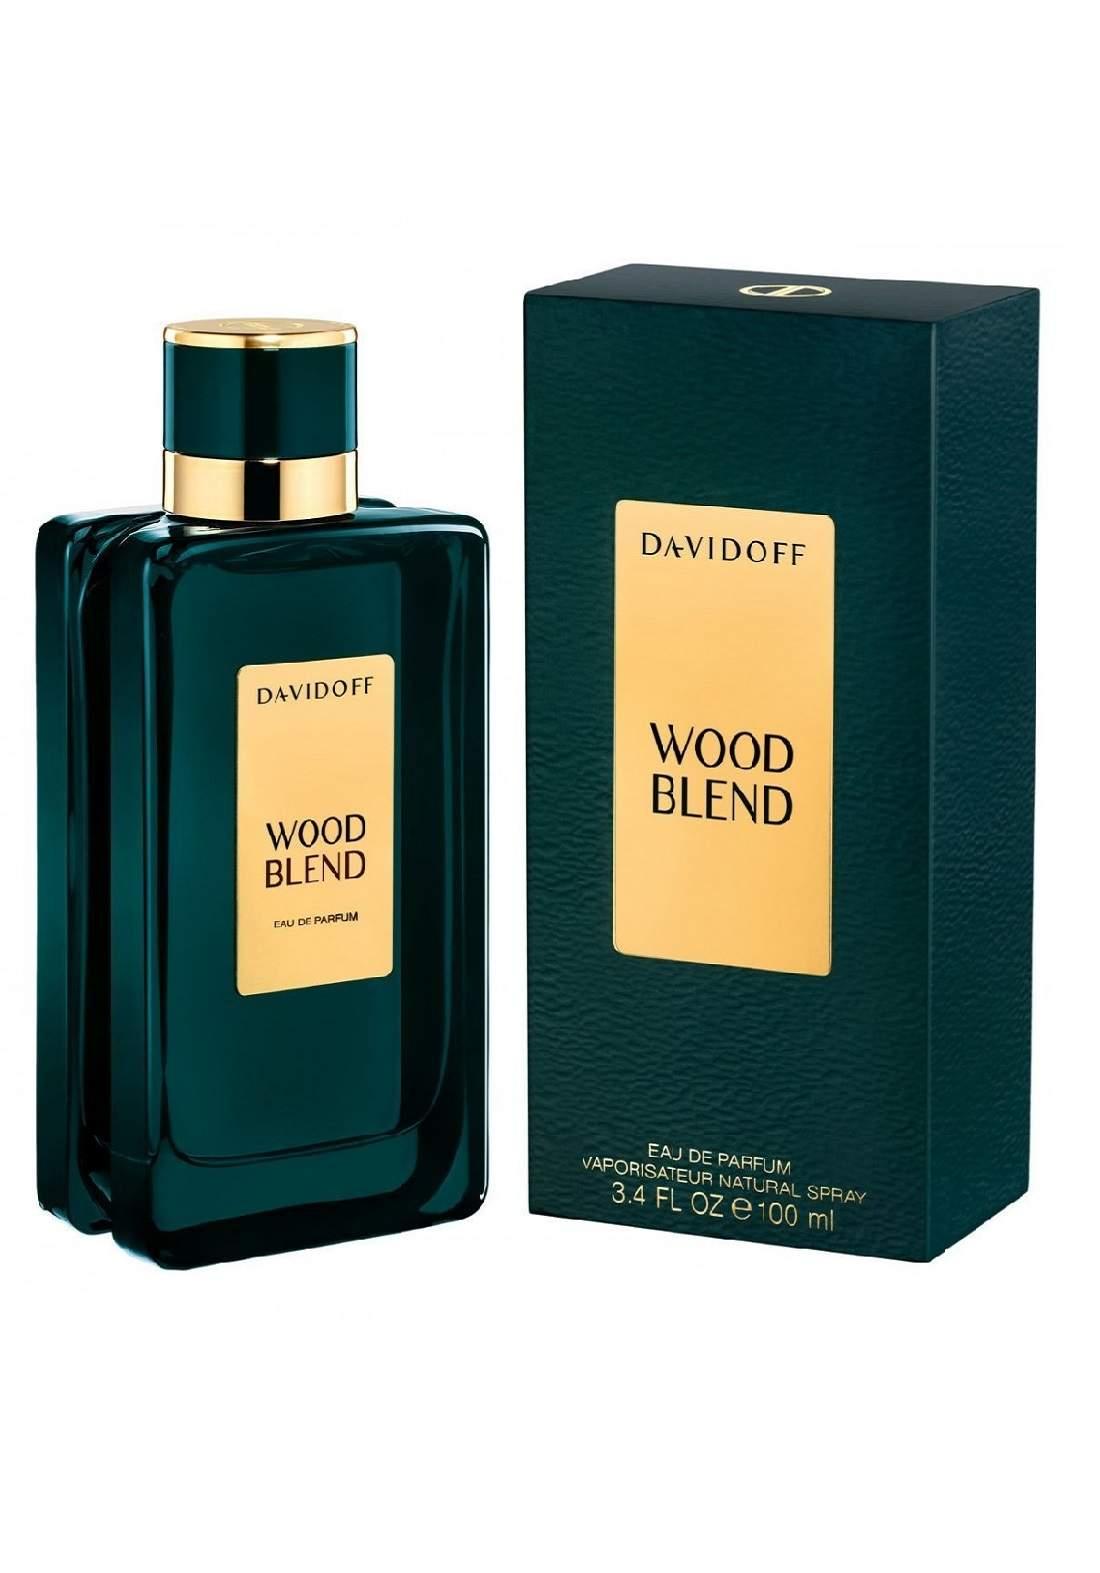 Davidoff Wood Blend Perfume For Men And Women 100ml عطر لكلا الجنسين